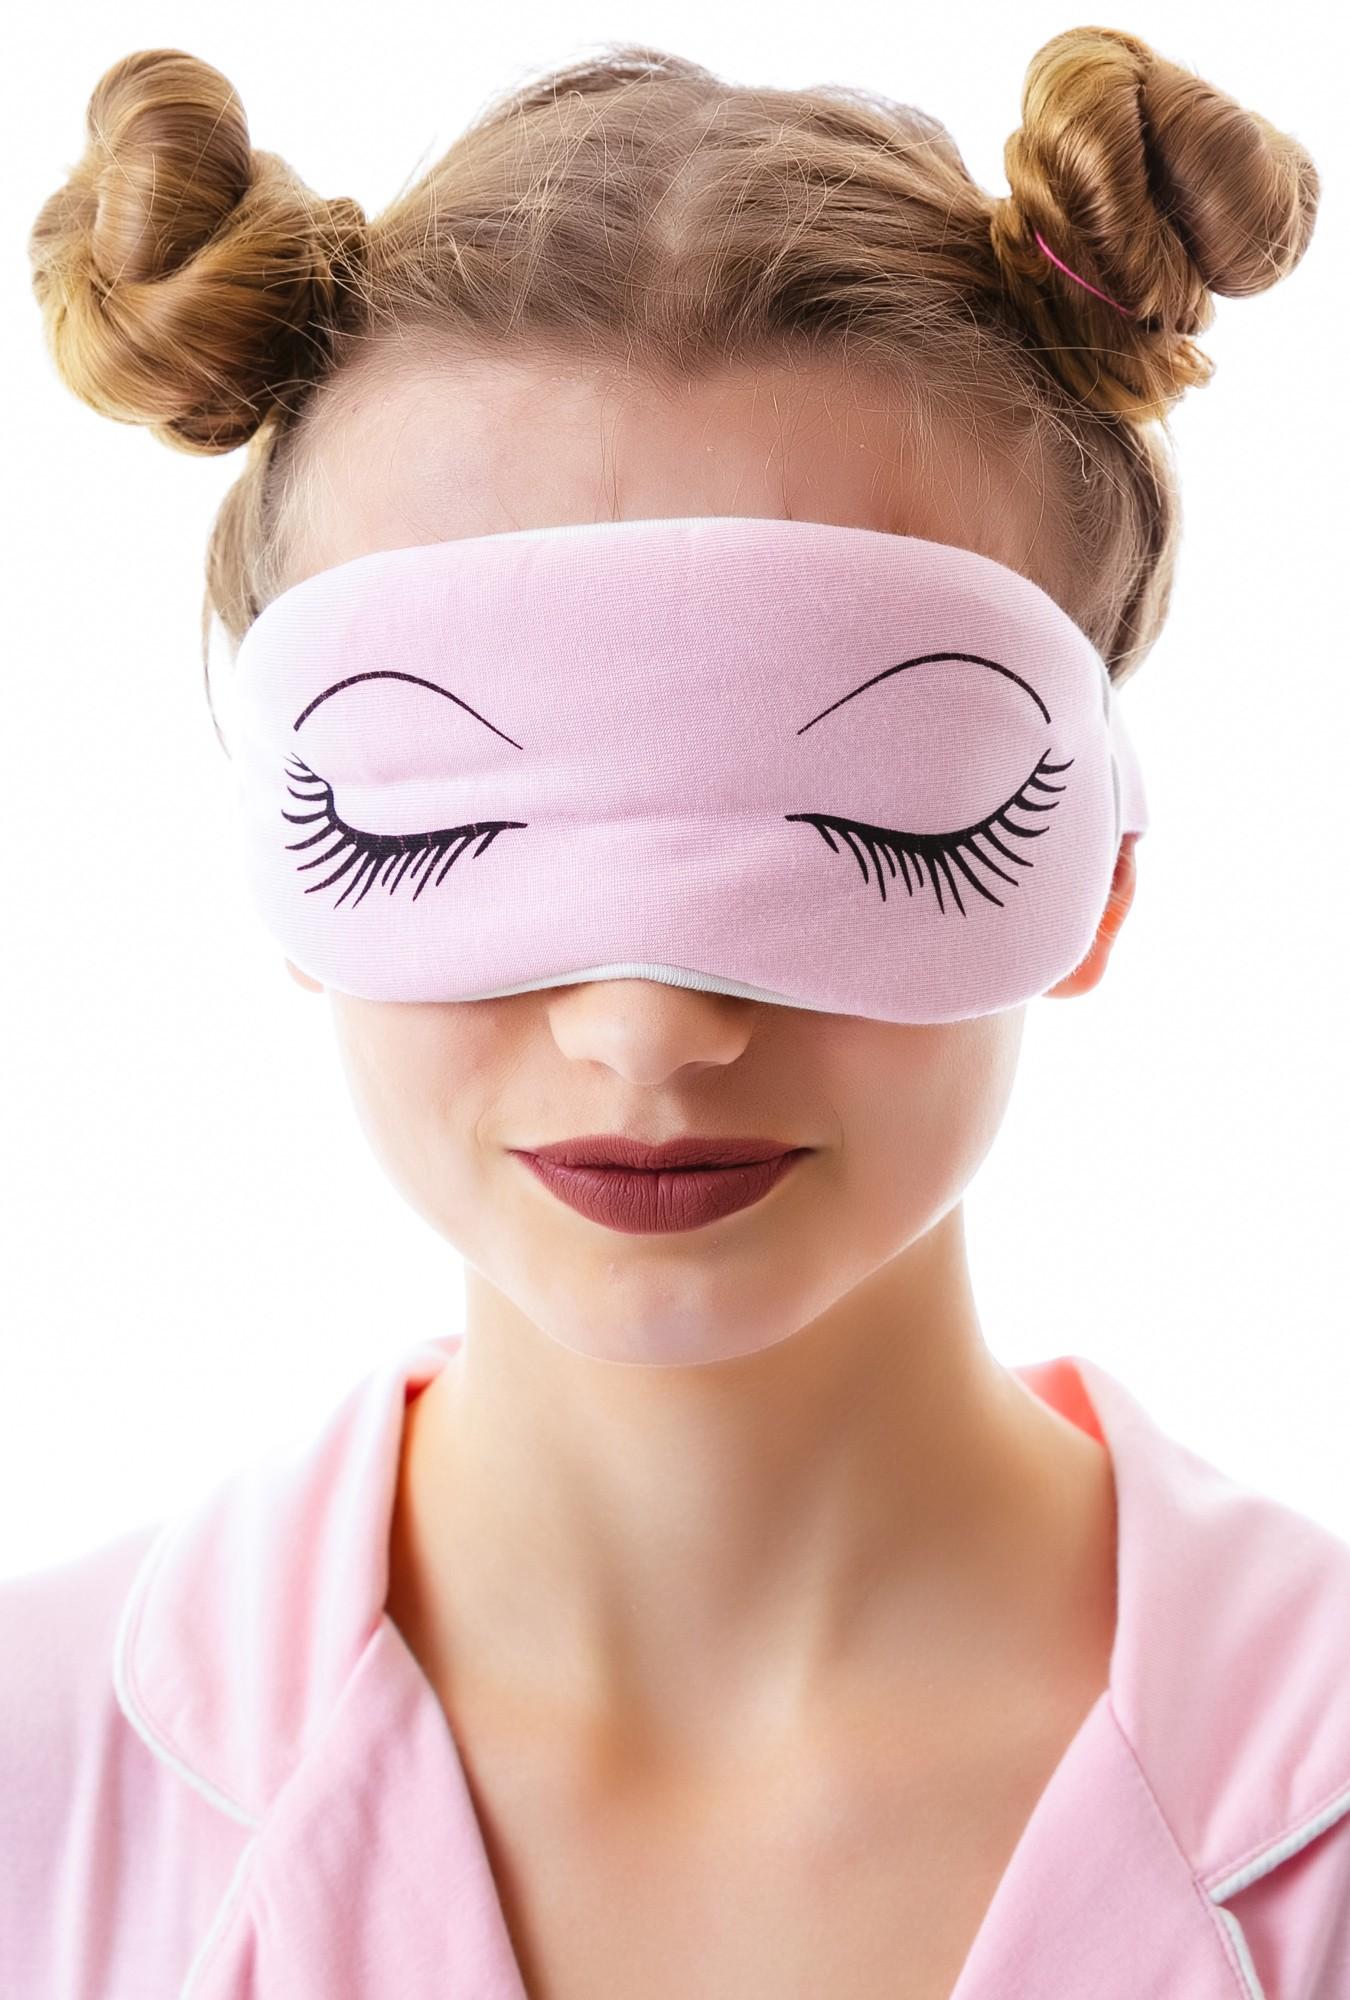 Купить маску для сна в. - Fuddy Duddy 79